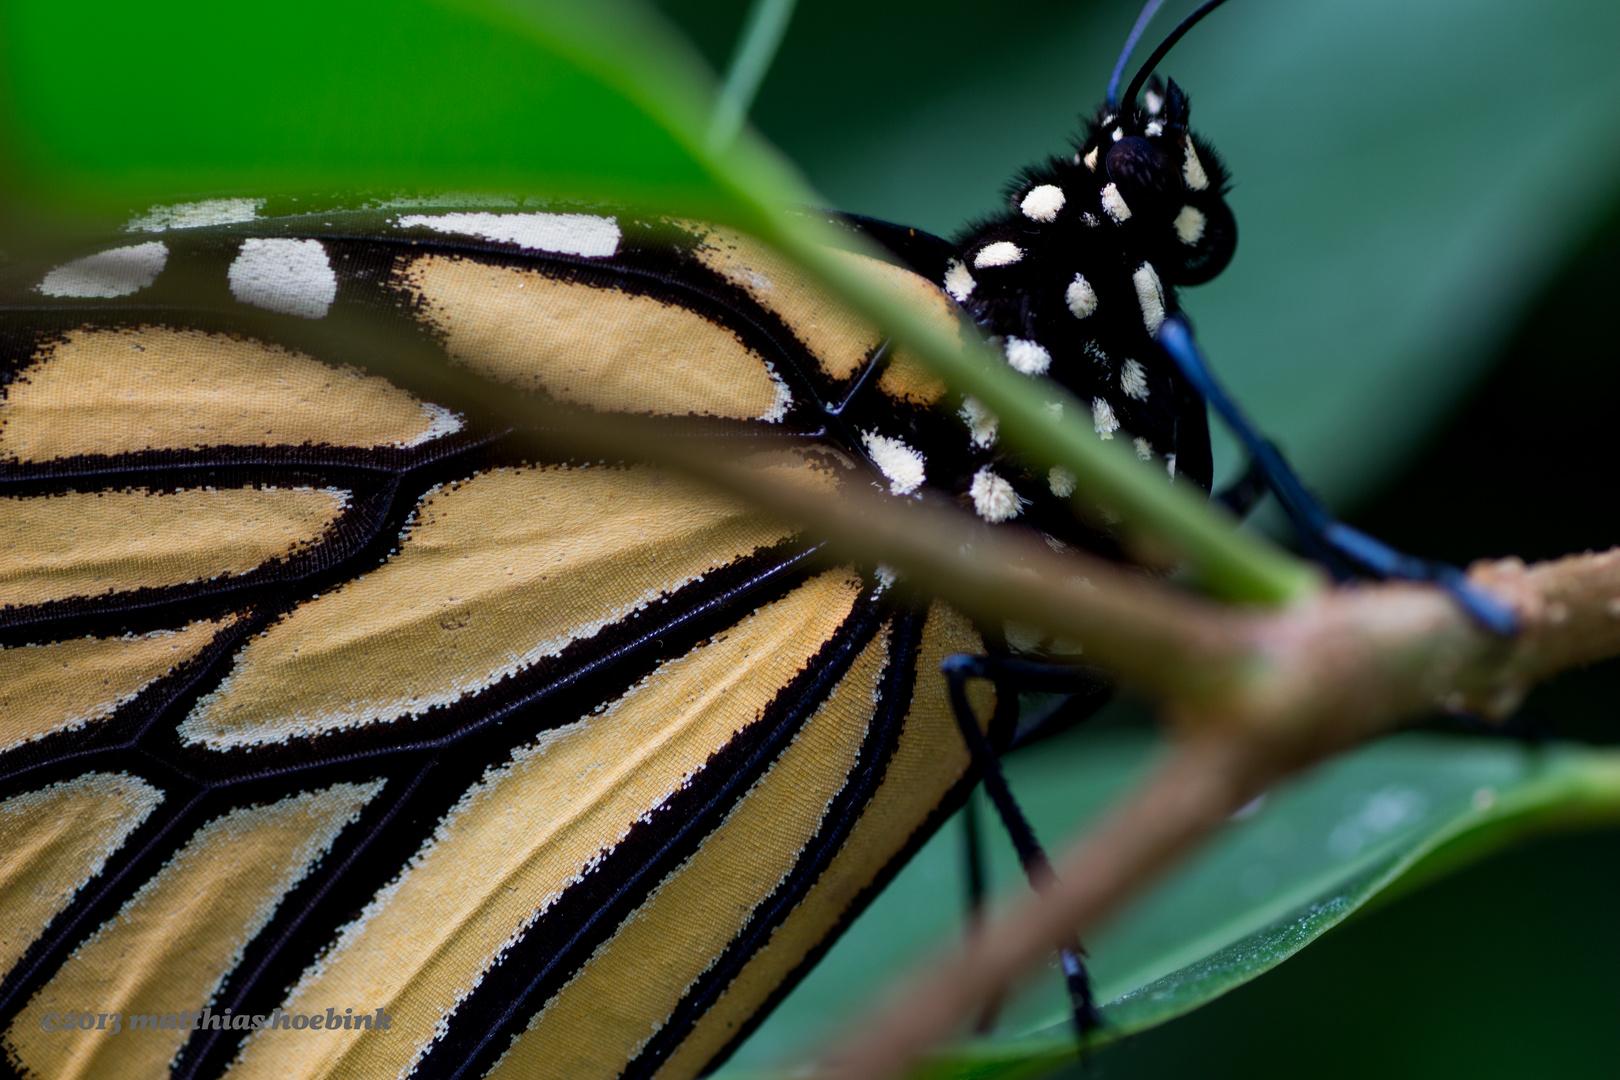 Flügel eines Schmetterlings